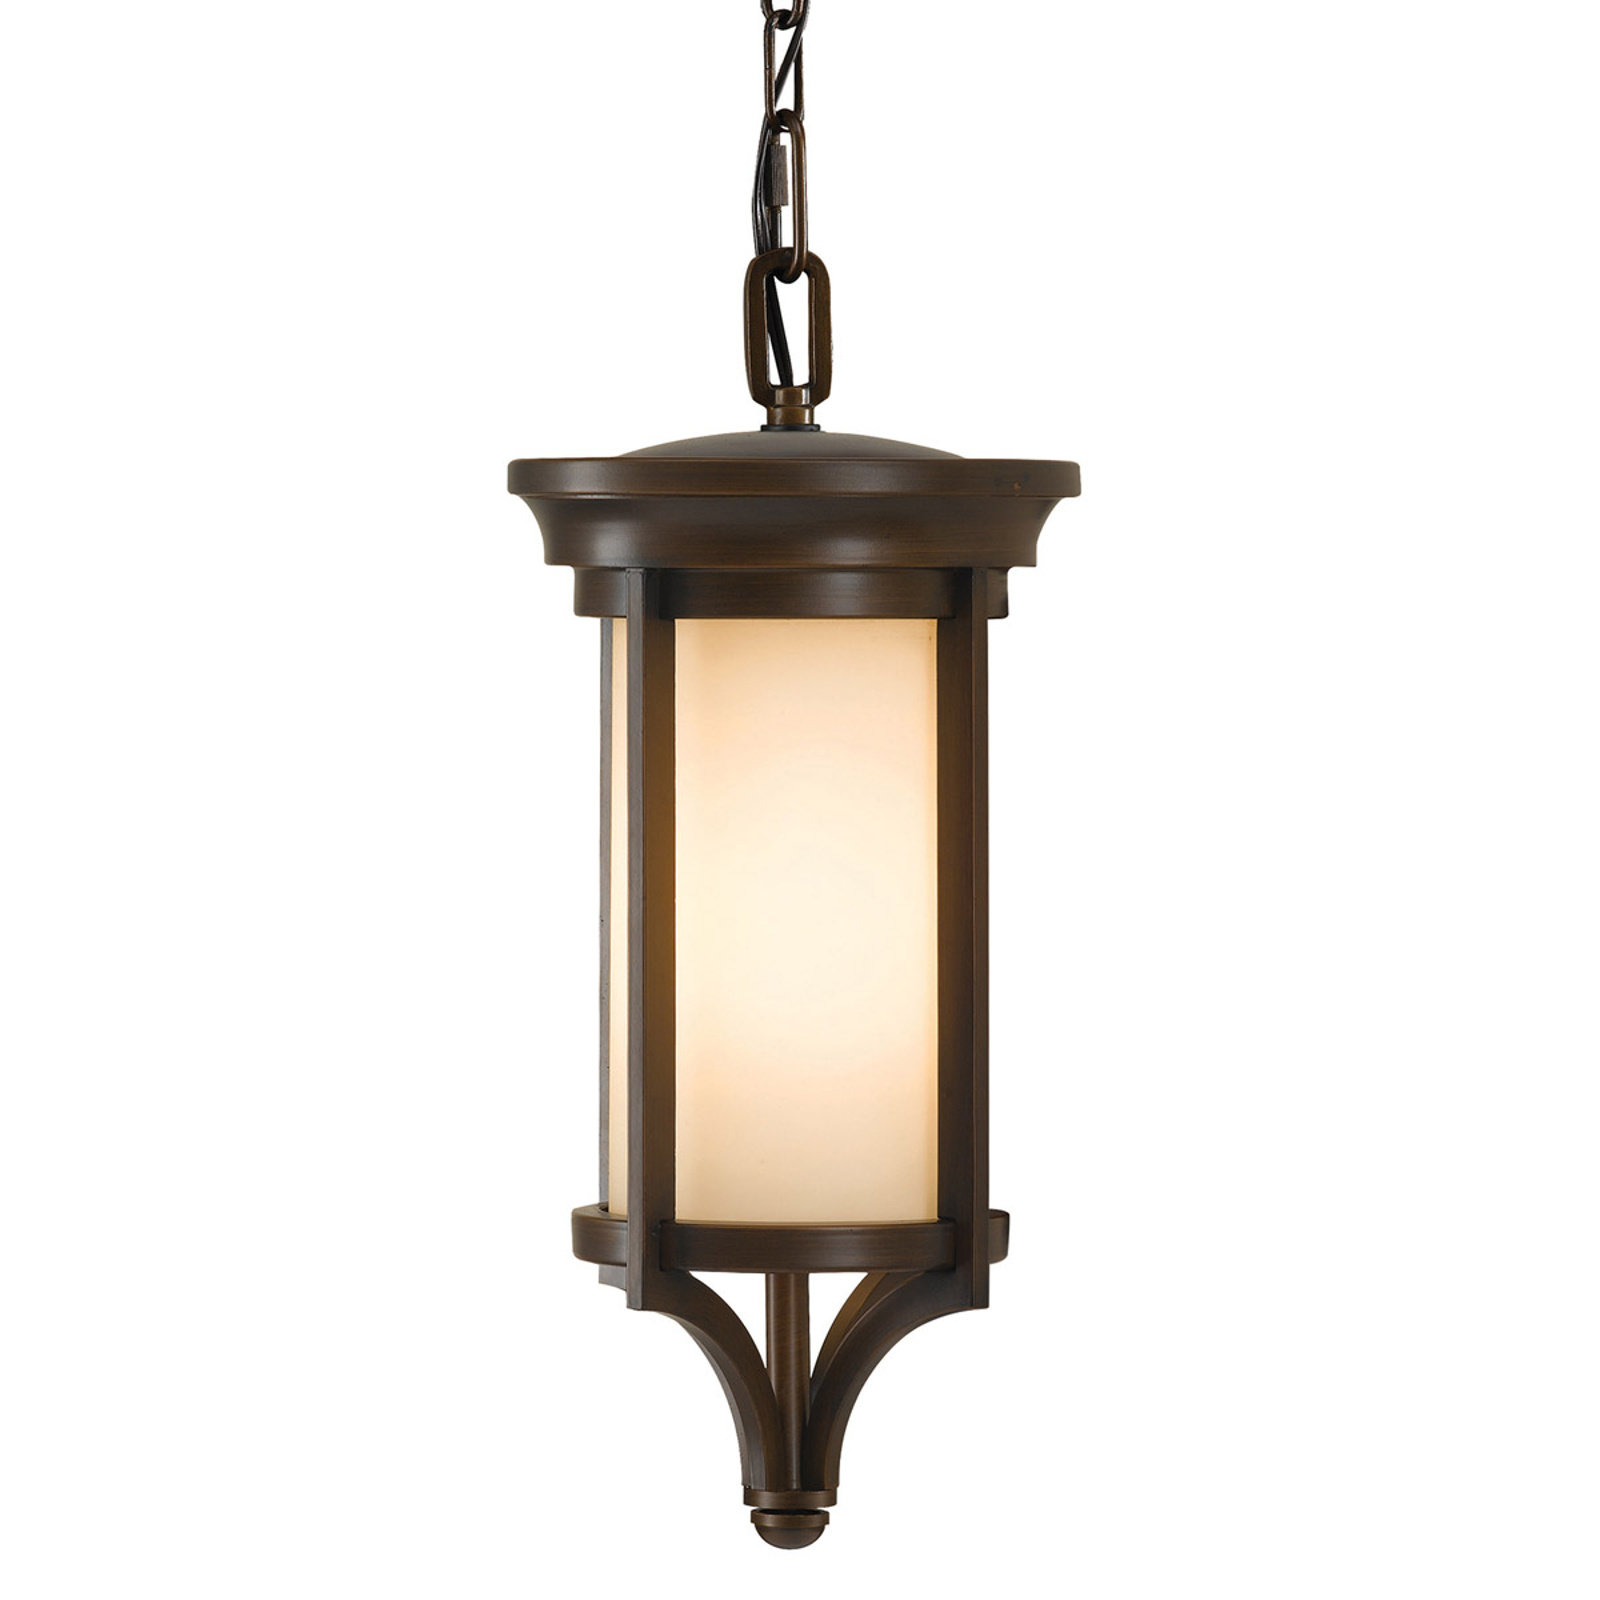 Stylowa lampa wisząca Merrill na zewnątrz